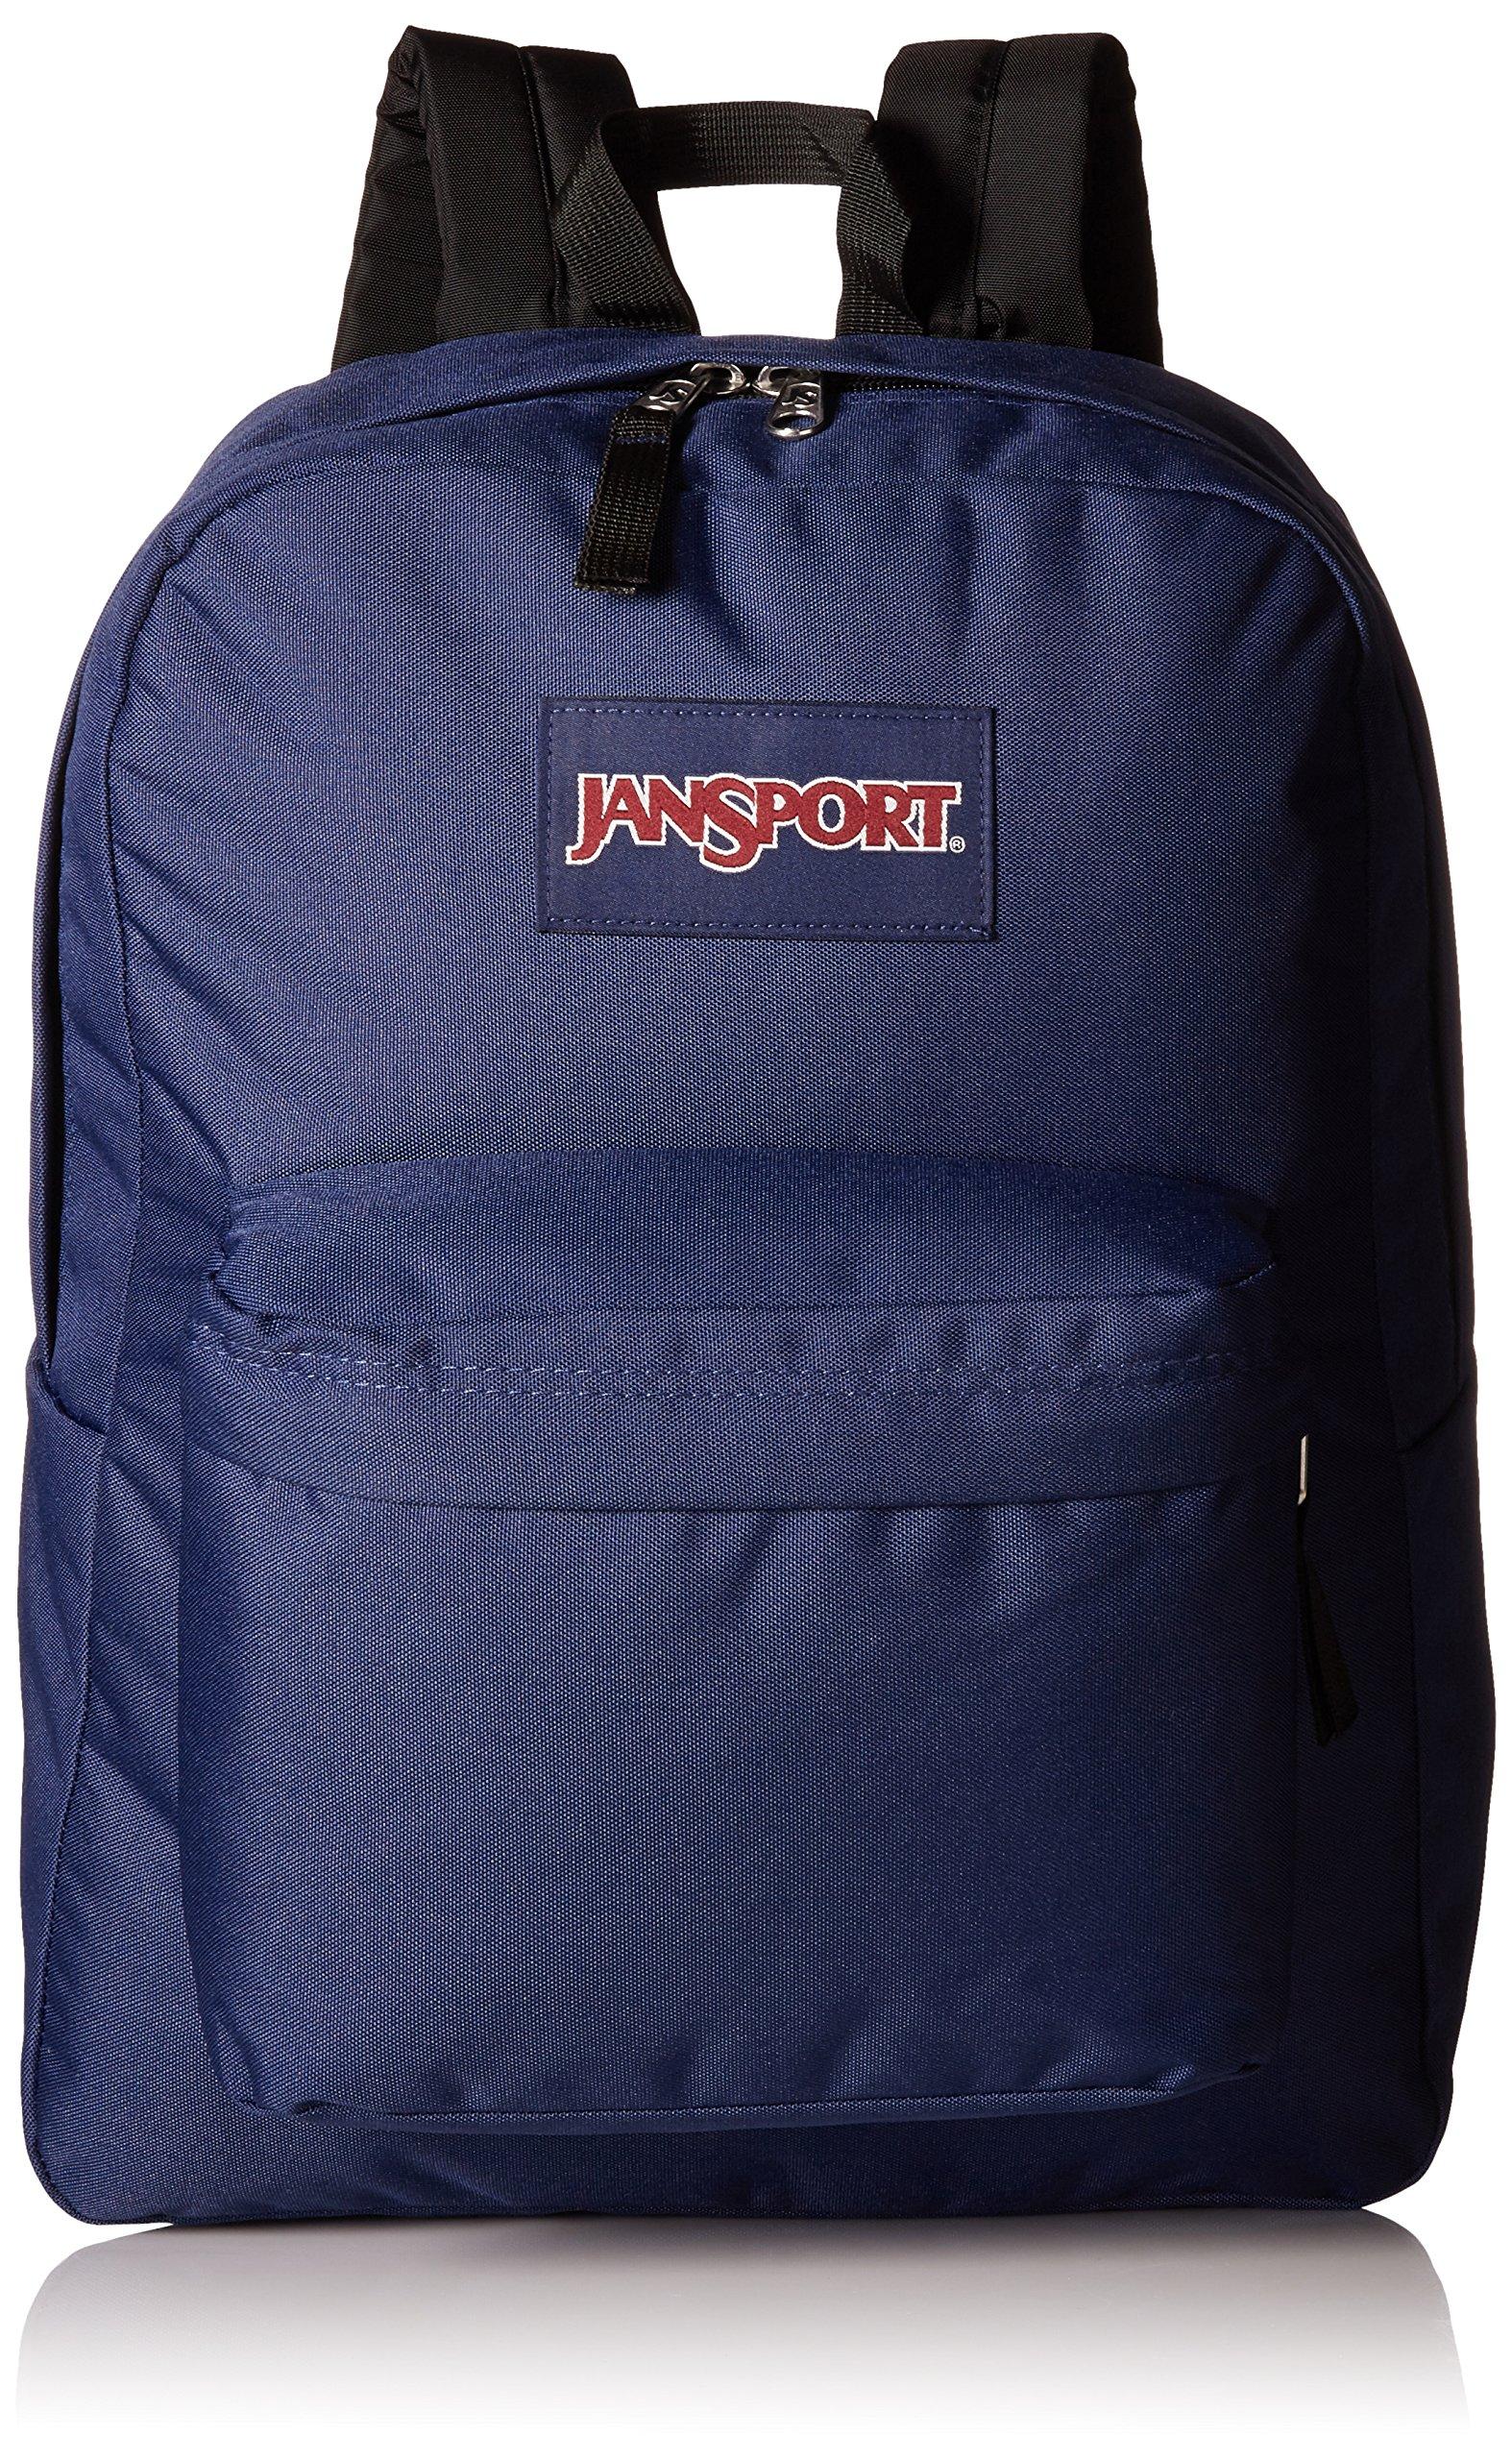 JanSport T501 Superbreak Backpack - Navy